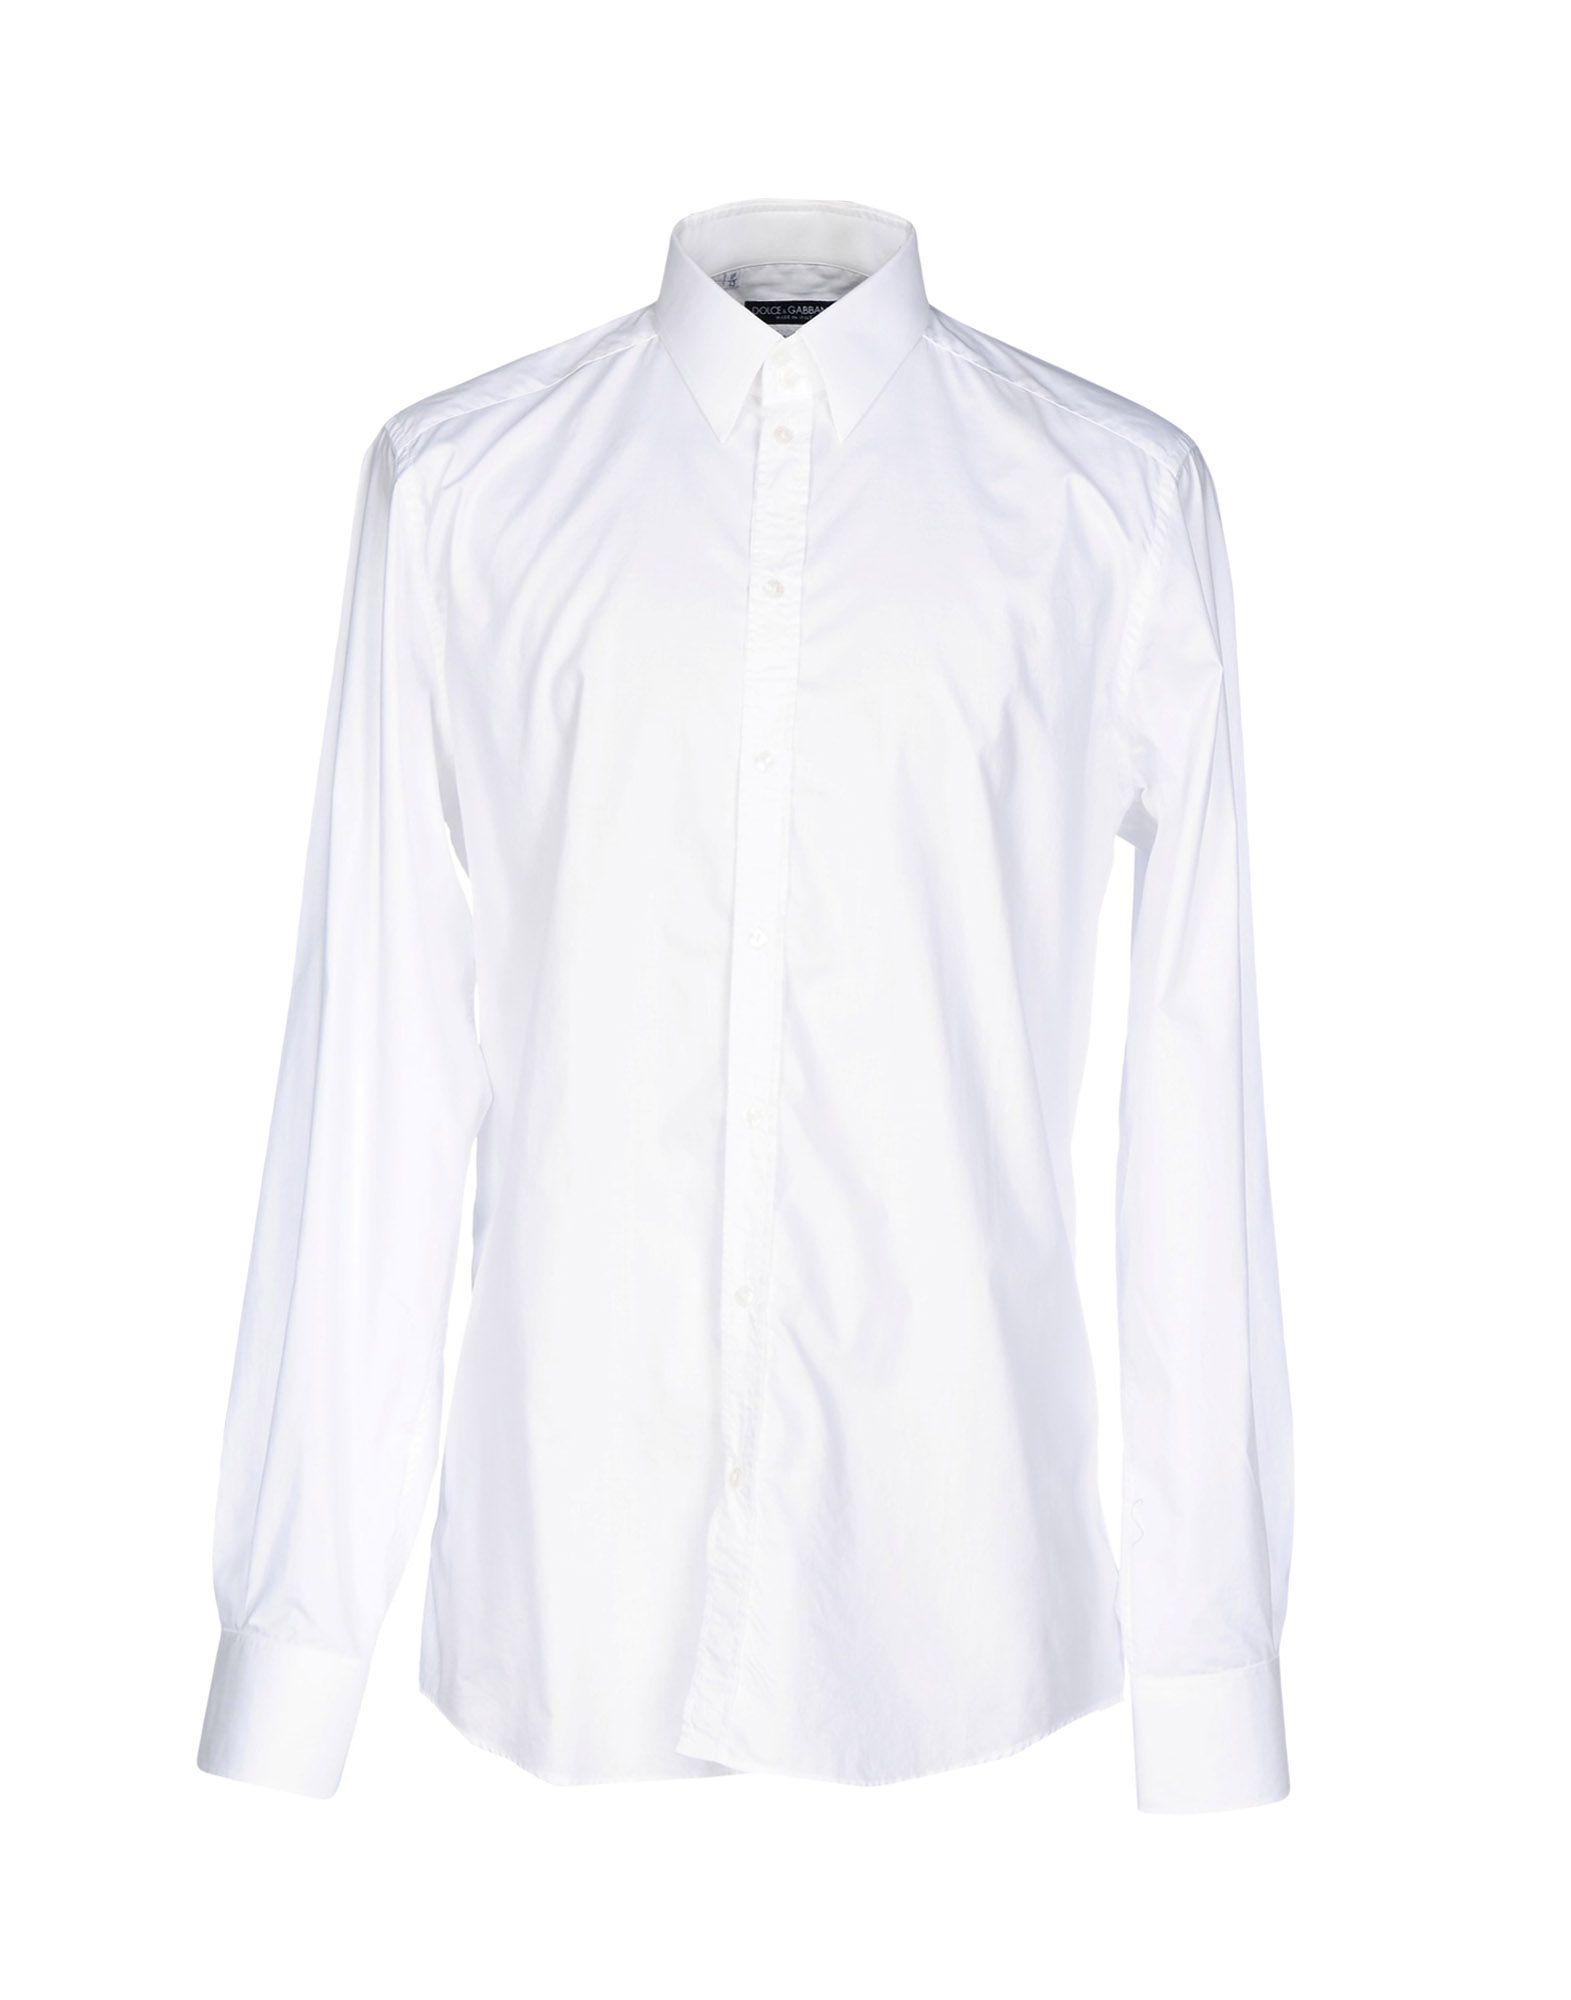 DOLCE & GABBANA Herren Hemd Farbe Weiß Größe 8